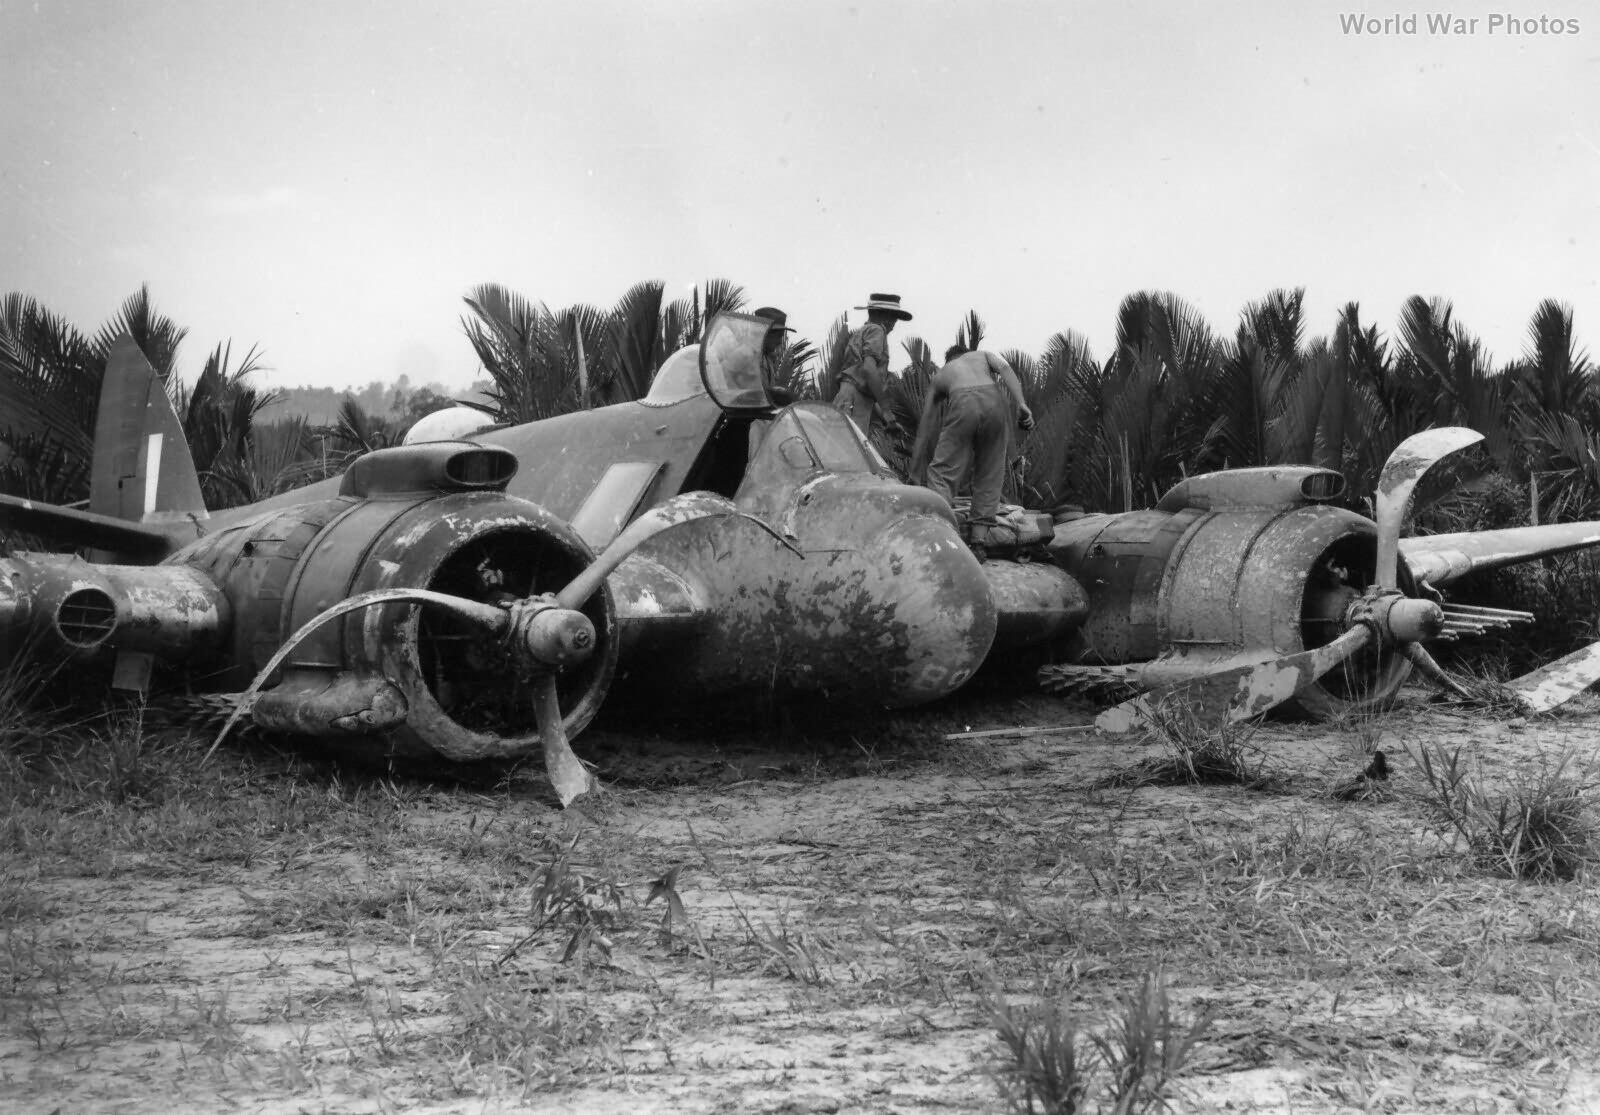 Beaufighter Mk 21 A8-89